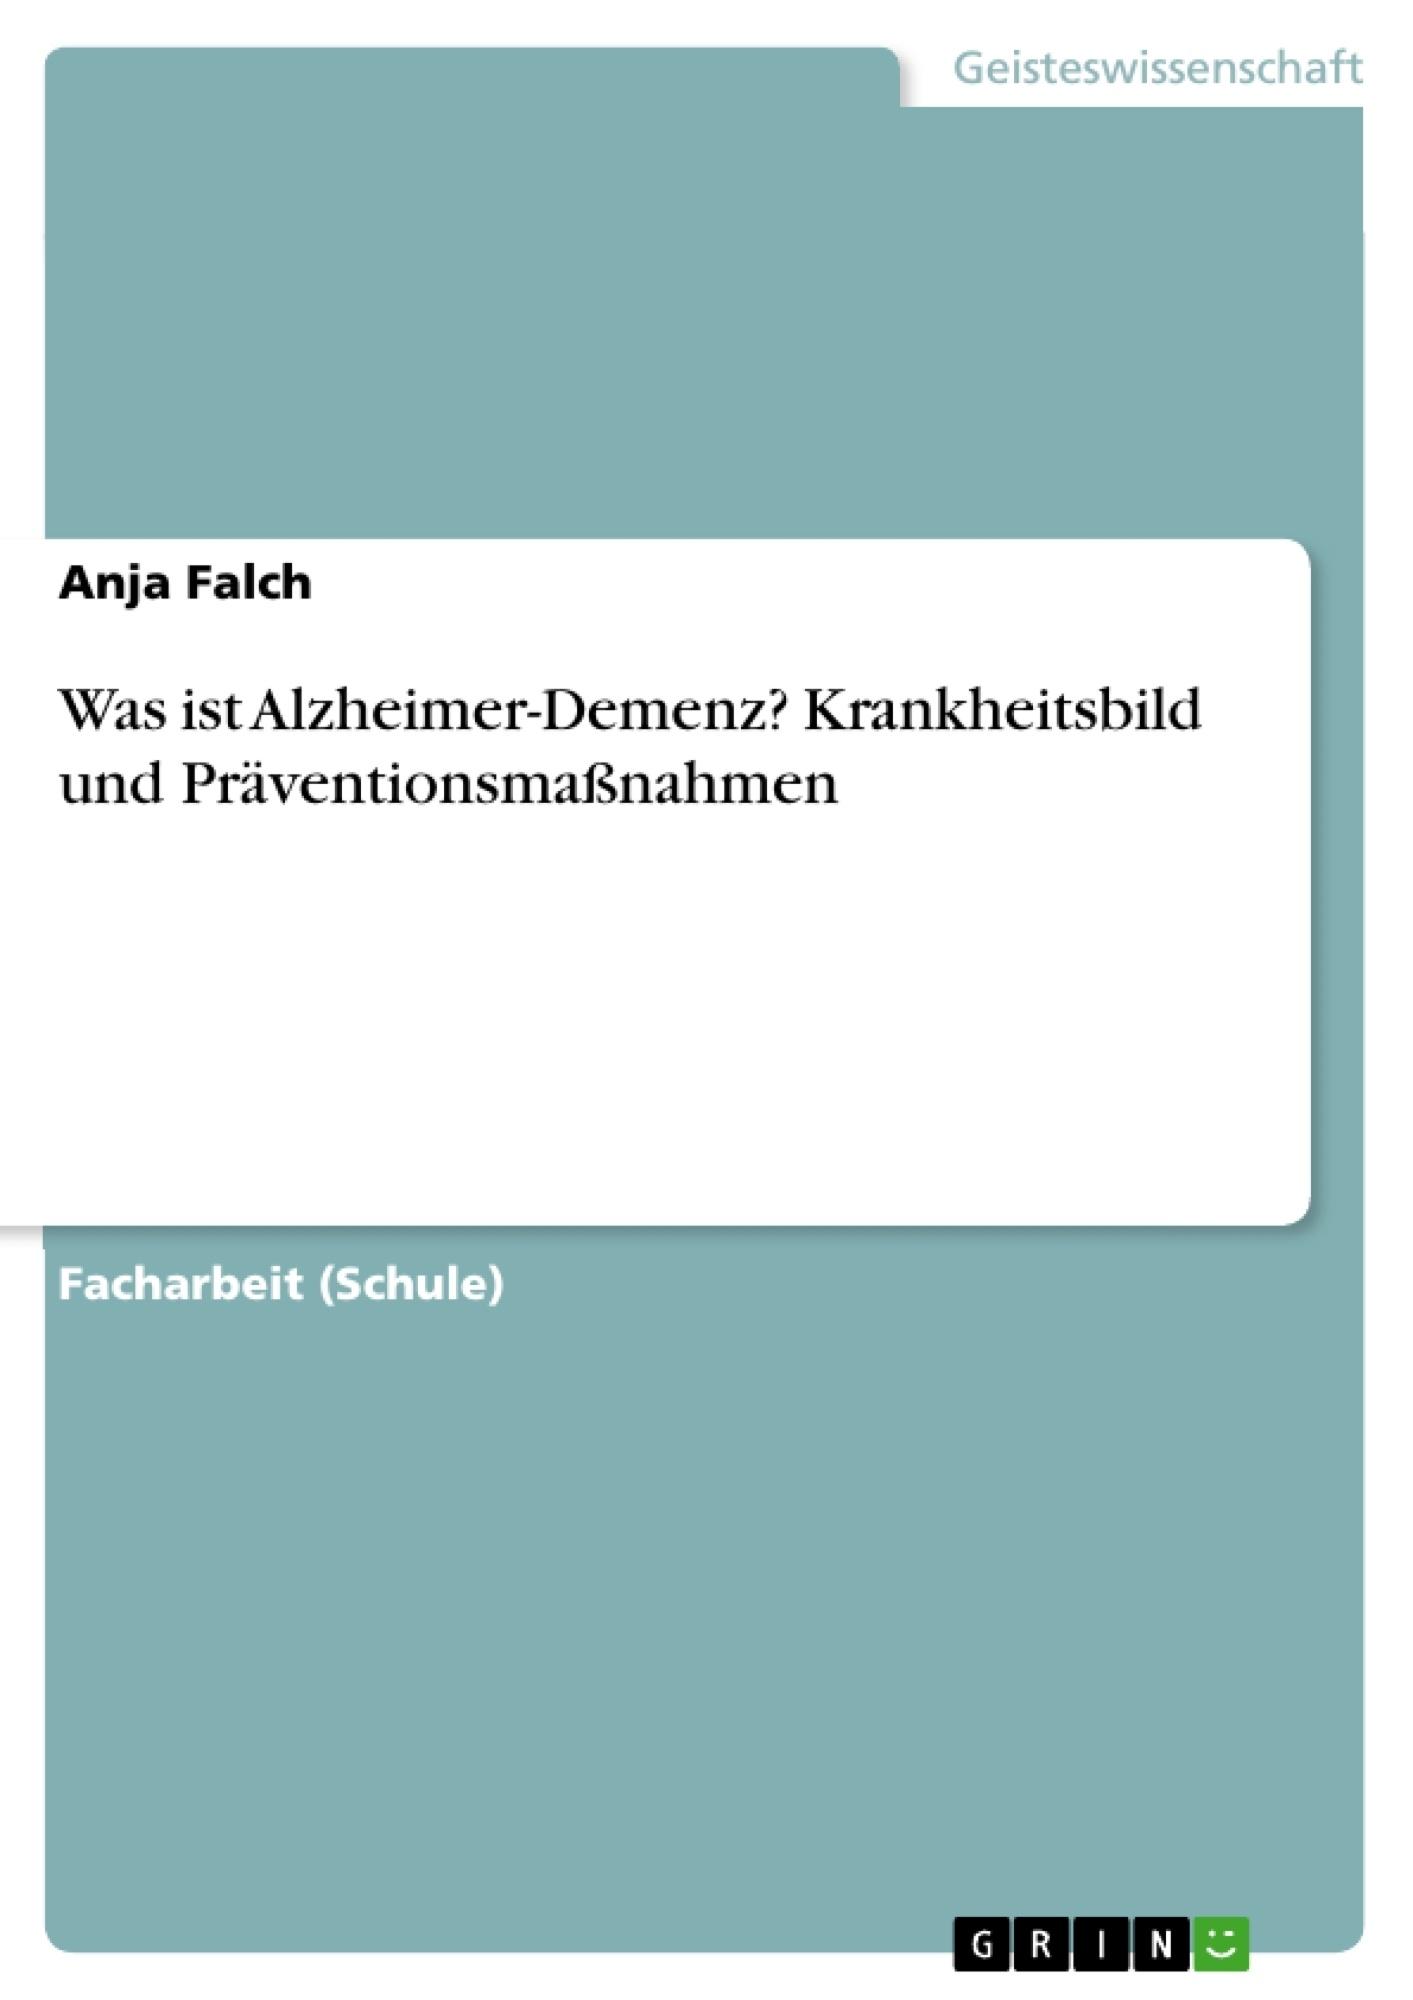 Titel: Was ist Alzheimer-Demenz? Krankheitsbild und Präventionsmaßnahmen